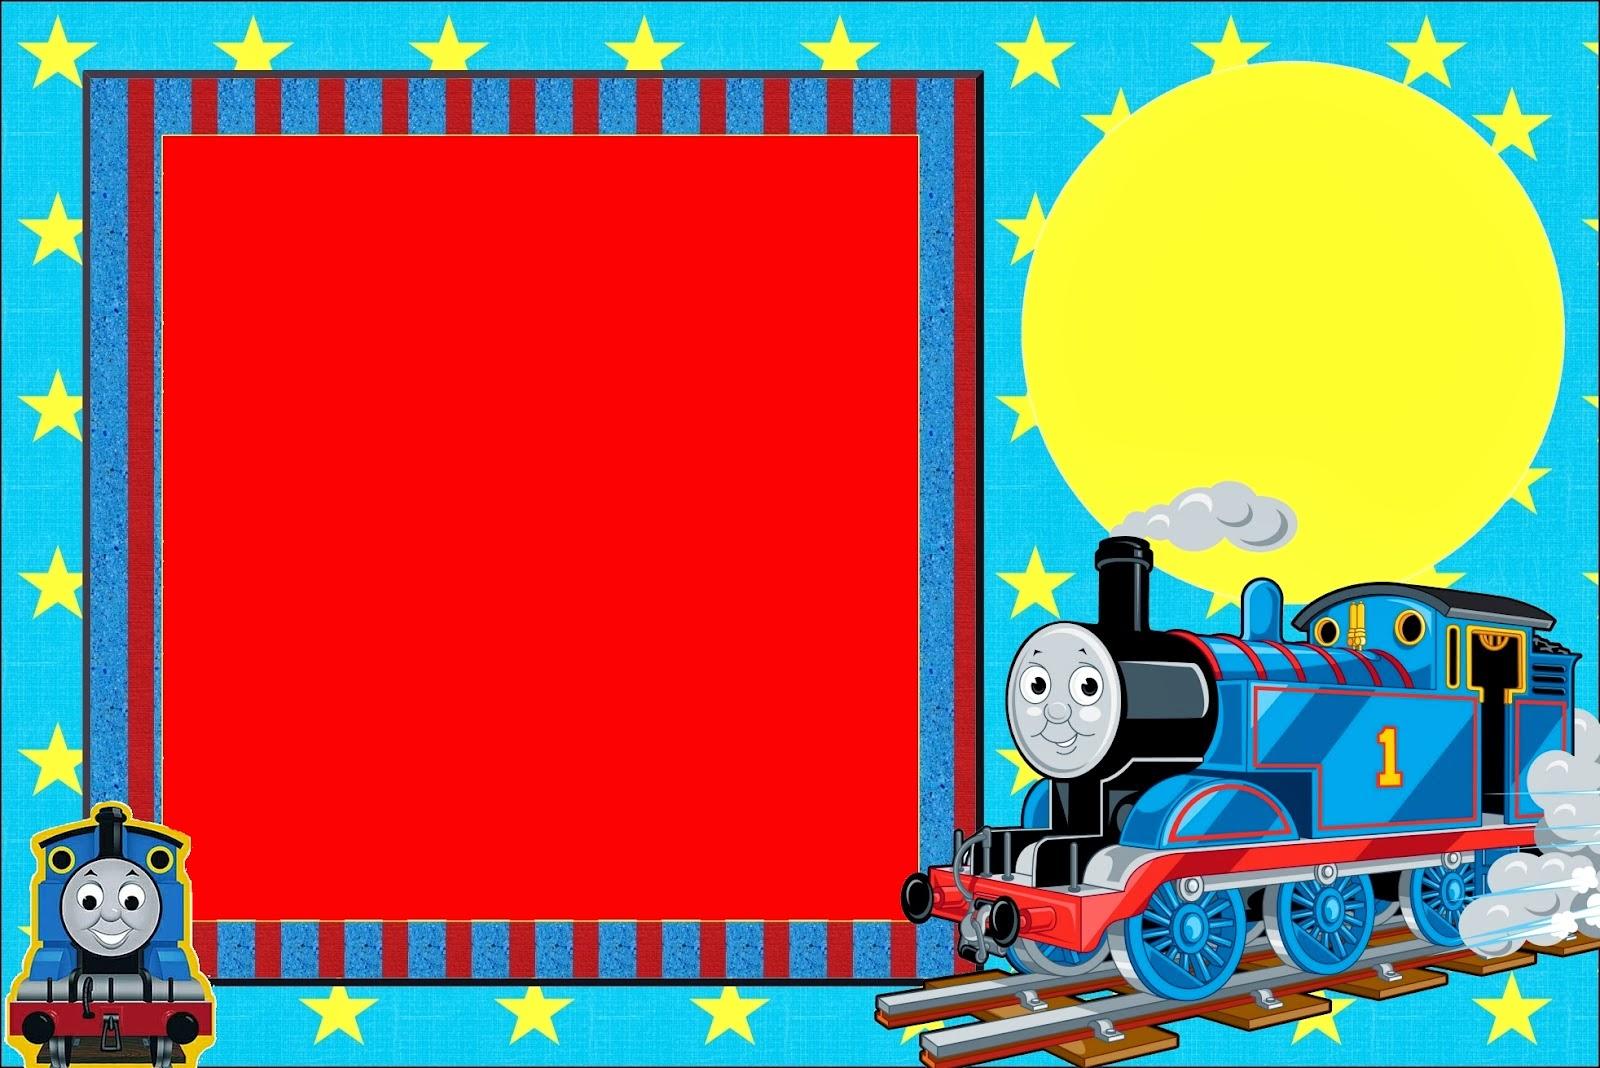 thomas the train free printable